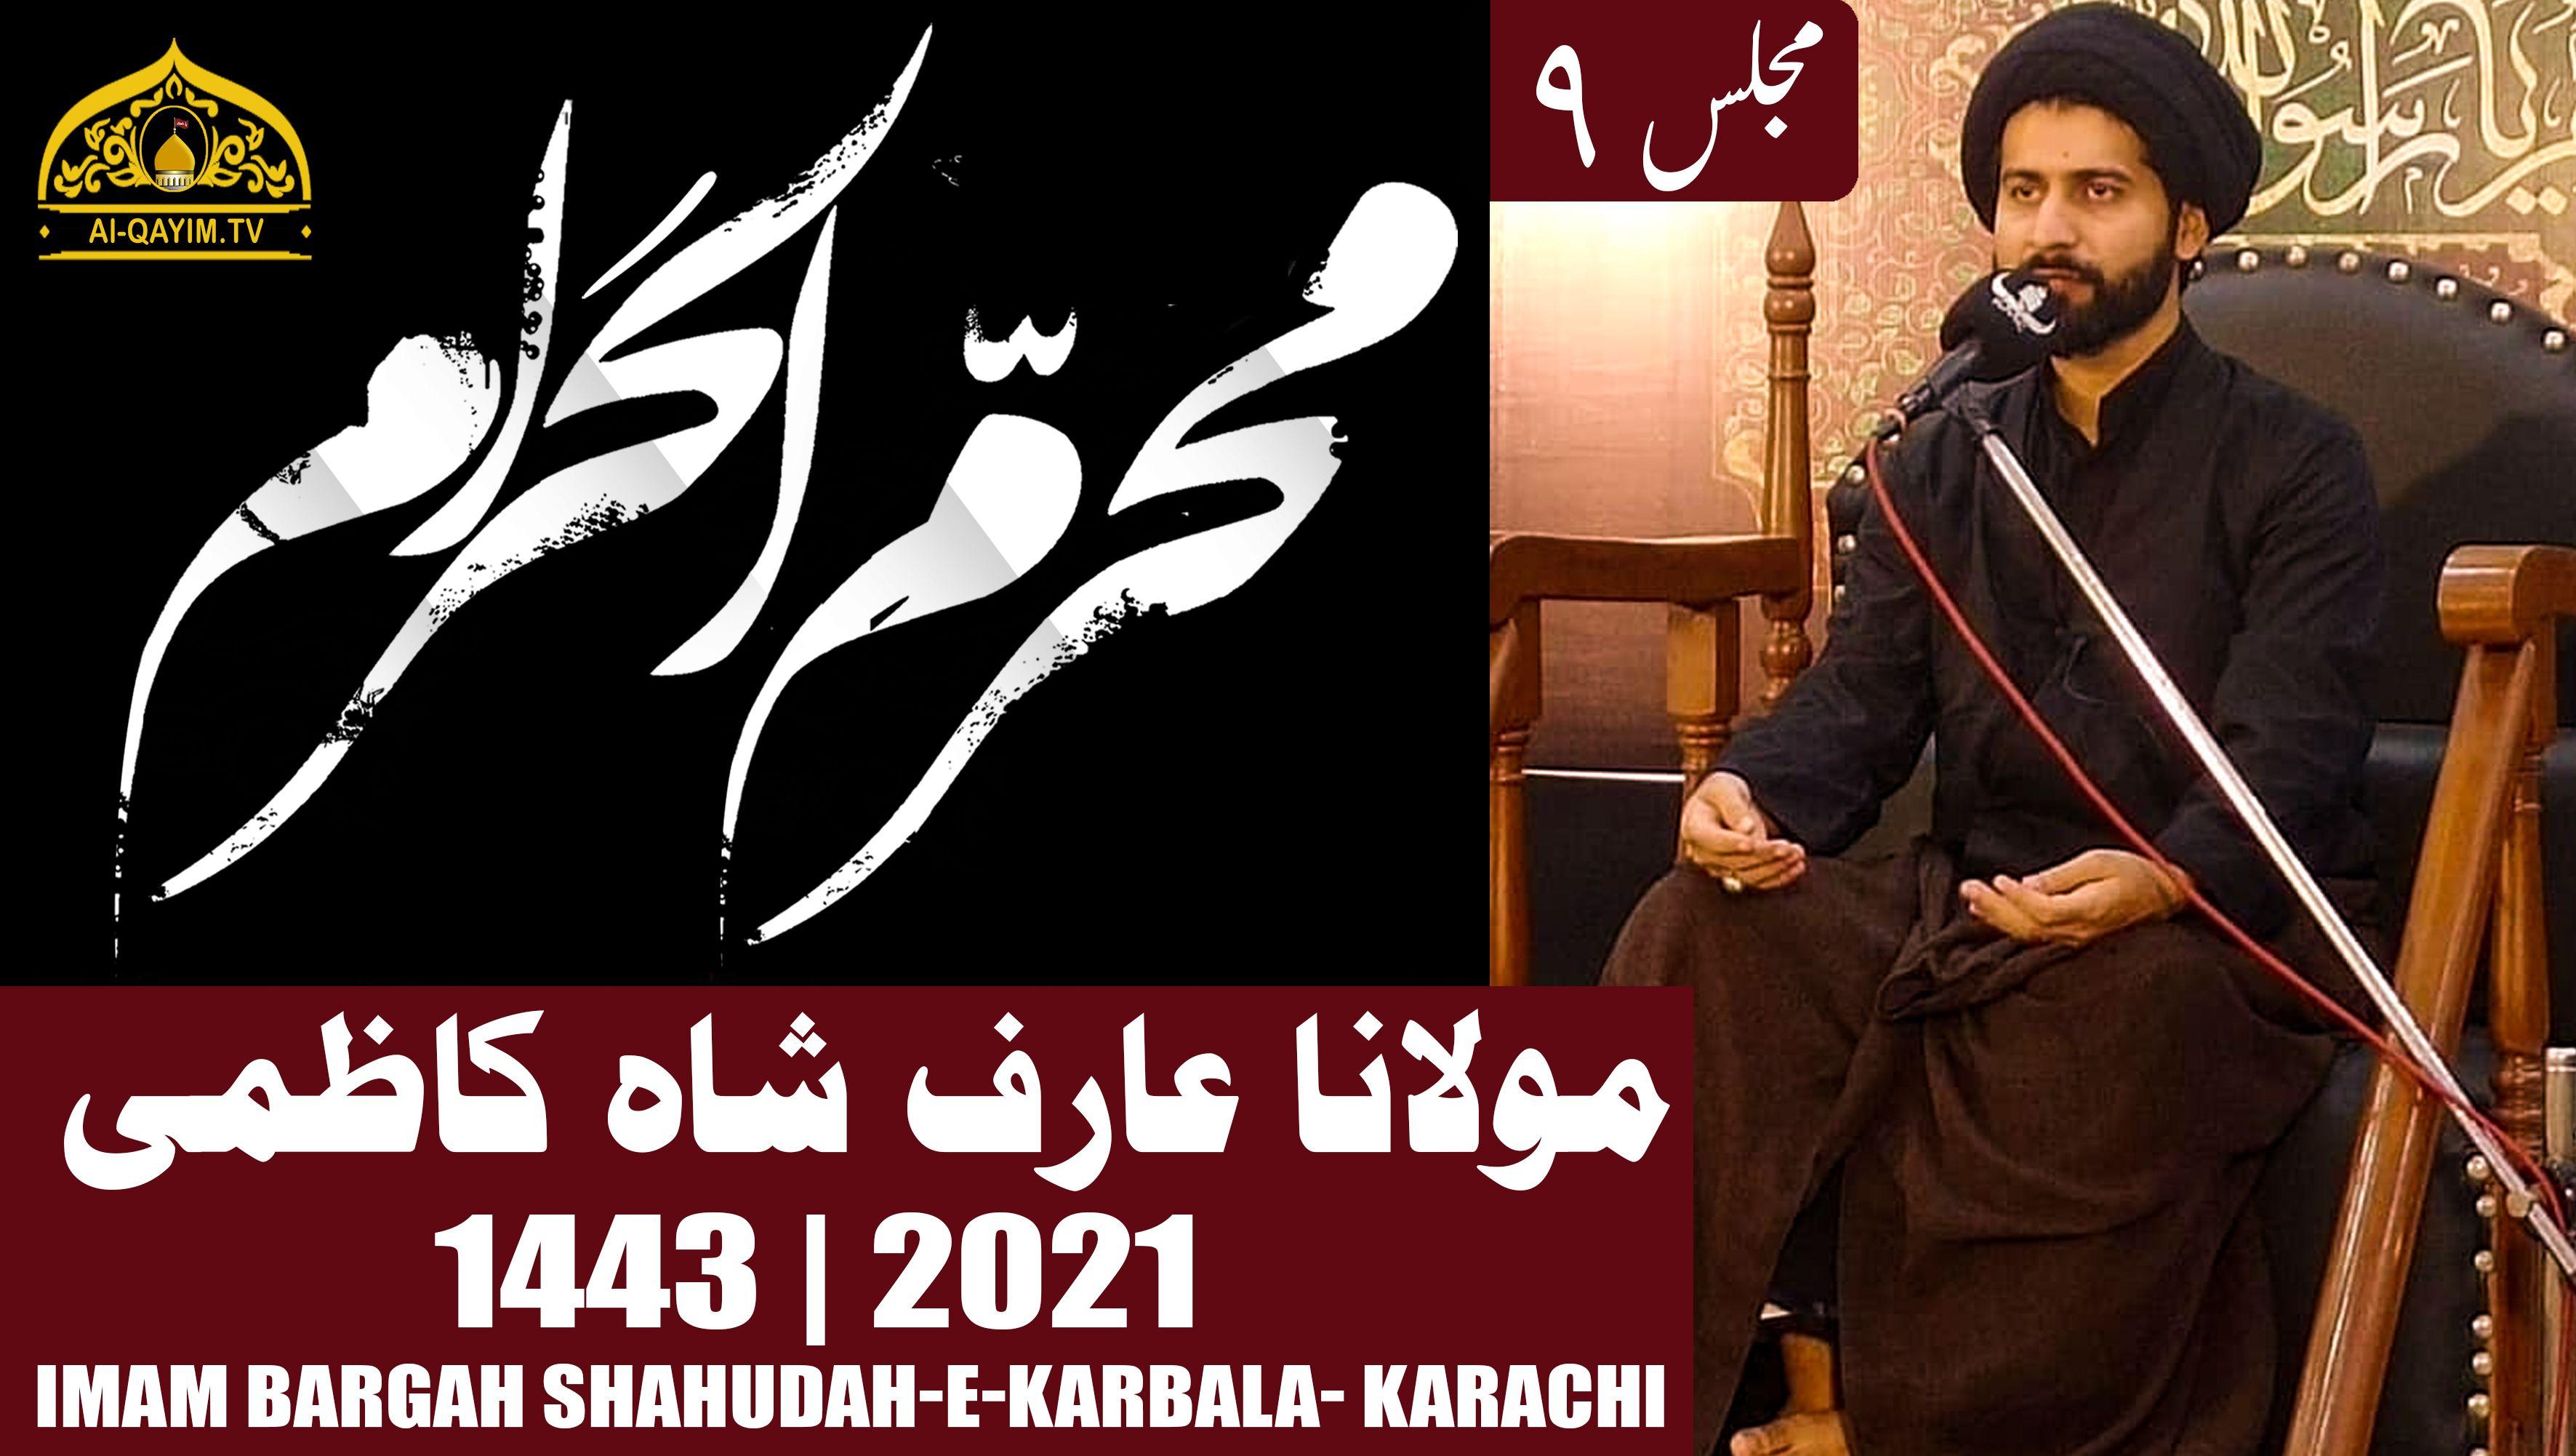 9th Muharram Majlis 1442/2021 | Moulana Arif Shah Kazmi - Imam Bargah Shuhdah-e-Karbala, Karachi